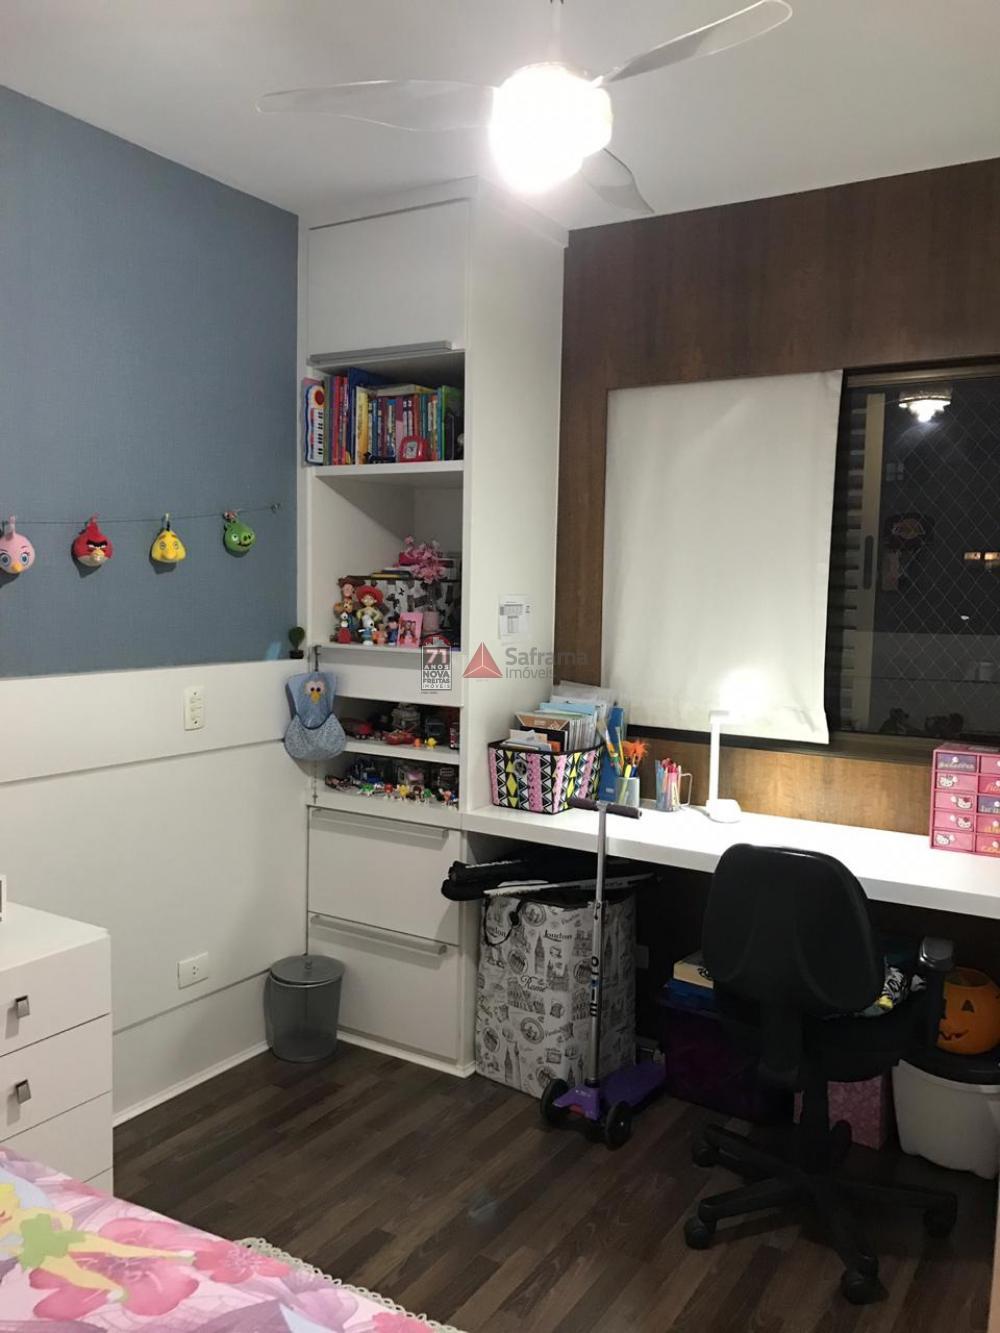 Comprar Apartamento / Padrão em São José dos Campos apenas R$ 795.000,00 - Foto 14